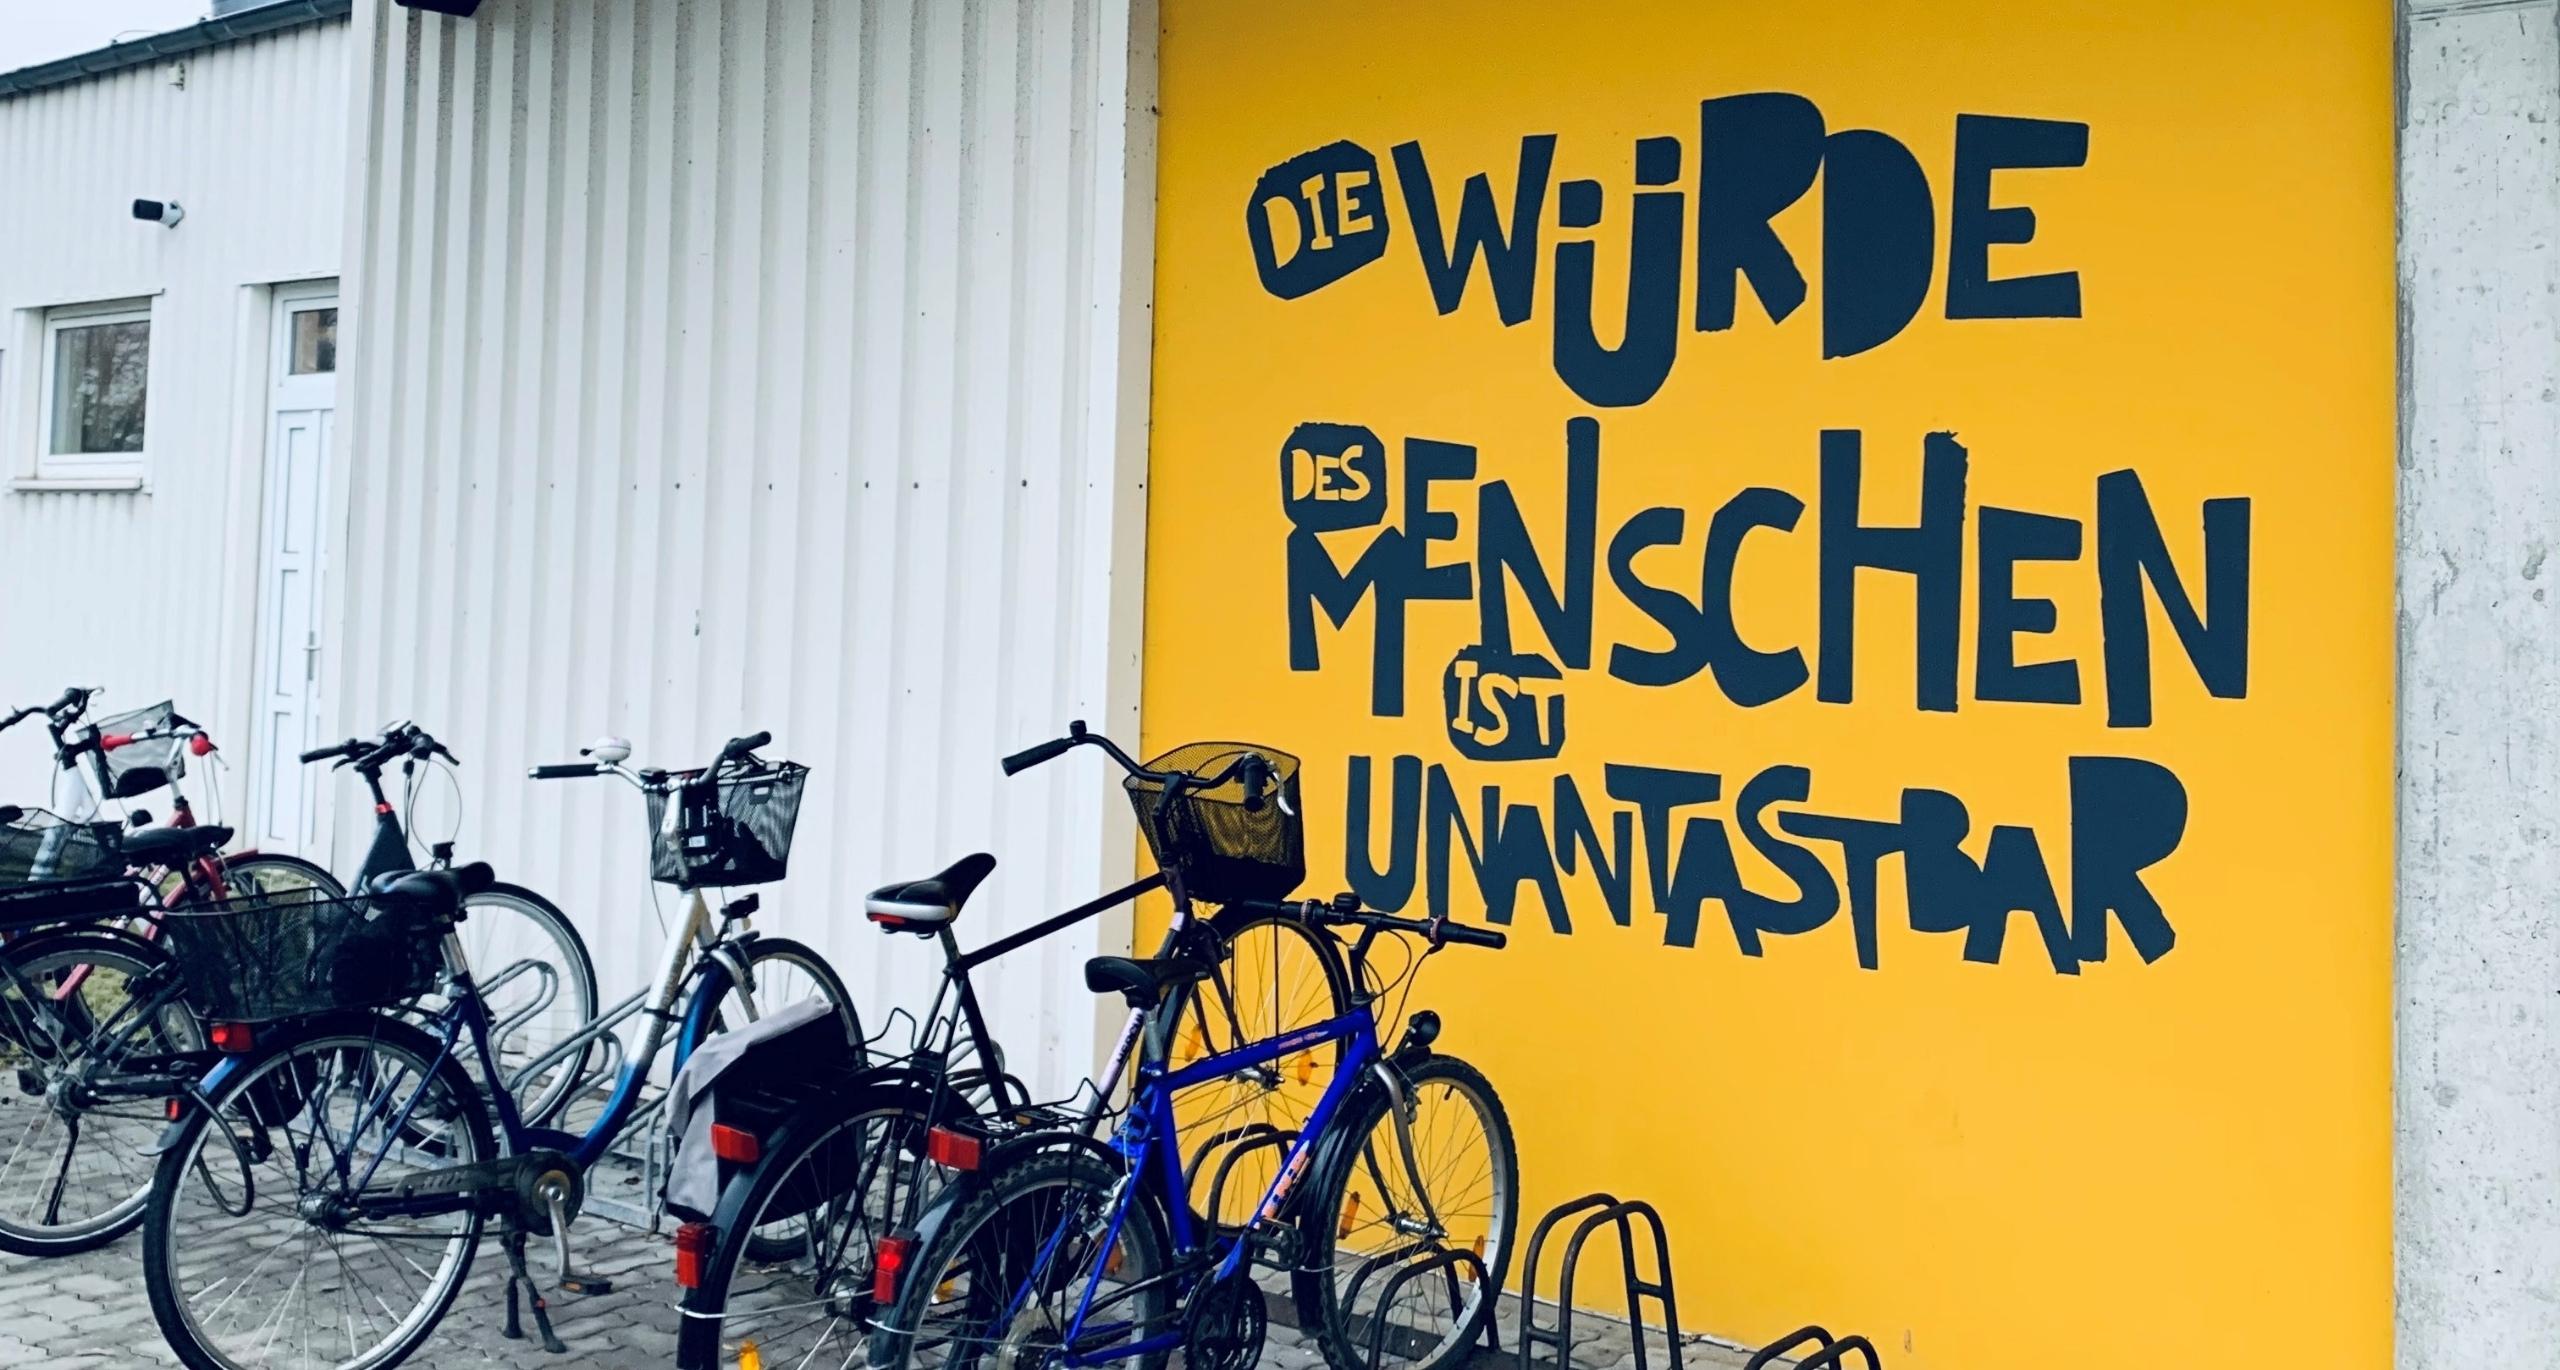 https://www.bioland.de/fileadmin/user_upload/Verbraucher/Blog/Aus_dem_Verband/Engagement_Haupttext/Blog_Header_1_.jpg